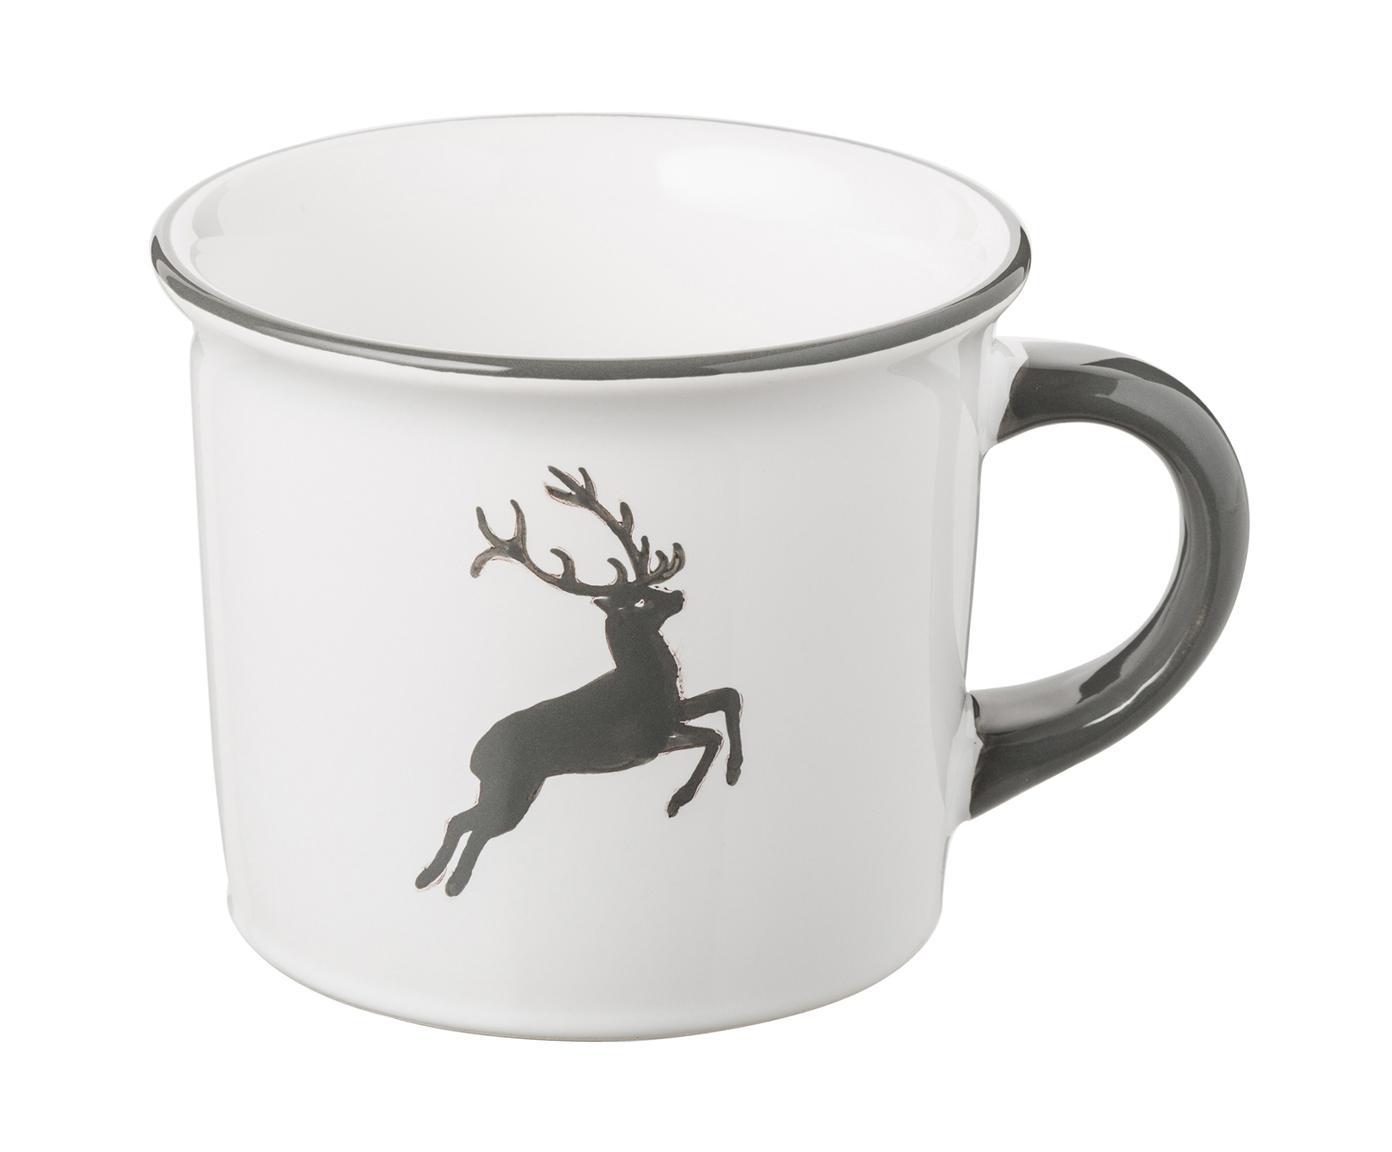 Ręcznie malowany kubek do kawy Classic Grauer Hirsch, Ceramika, Szary, biały, 240 ml